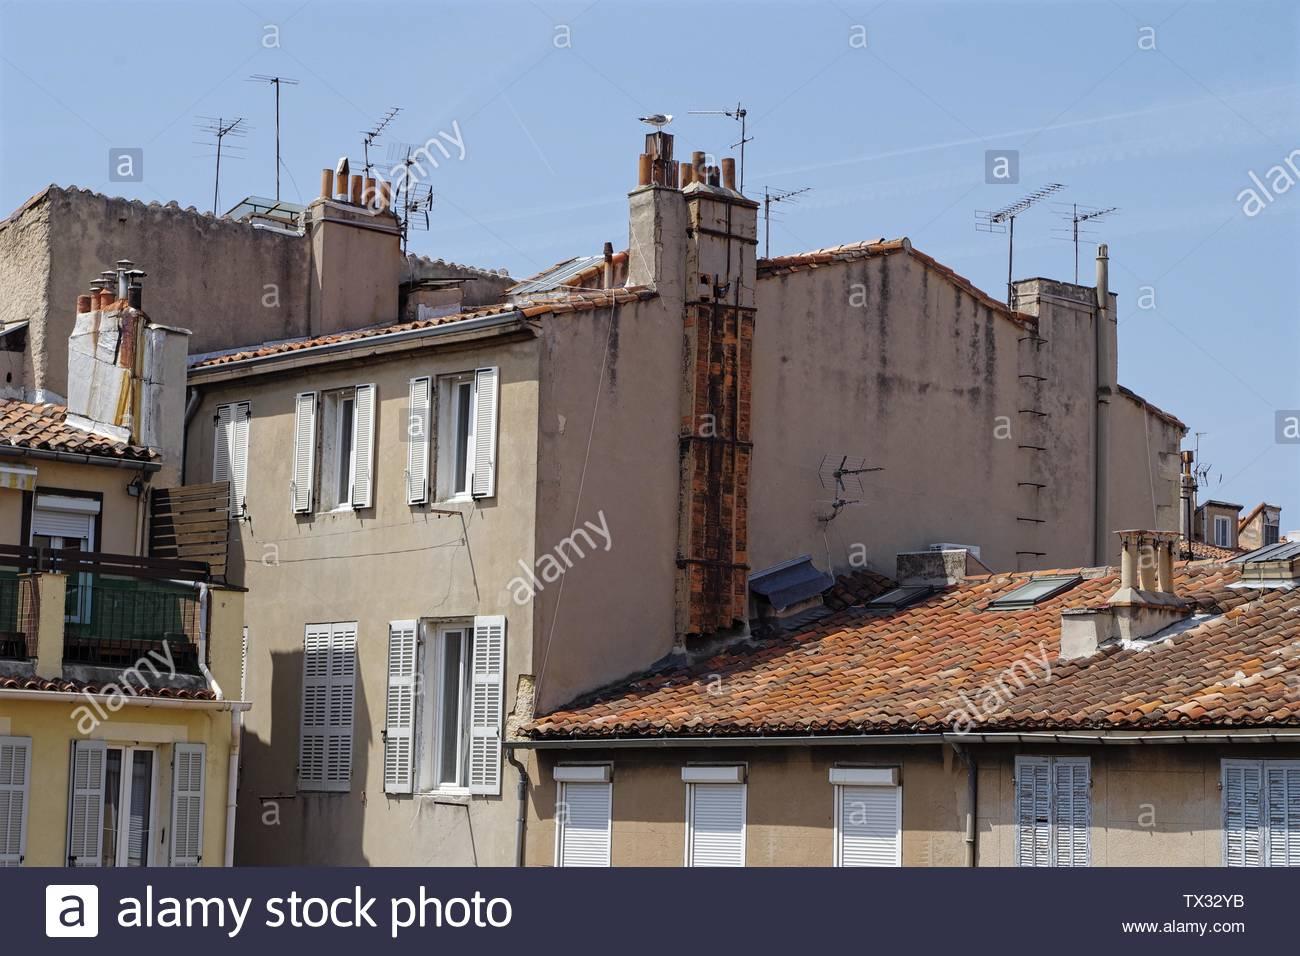 Foto de viejas casas y entrelazada, demuestra una clara falta de espacio en el centro de París. Imagen De Stock